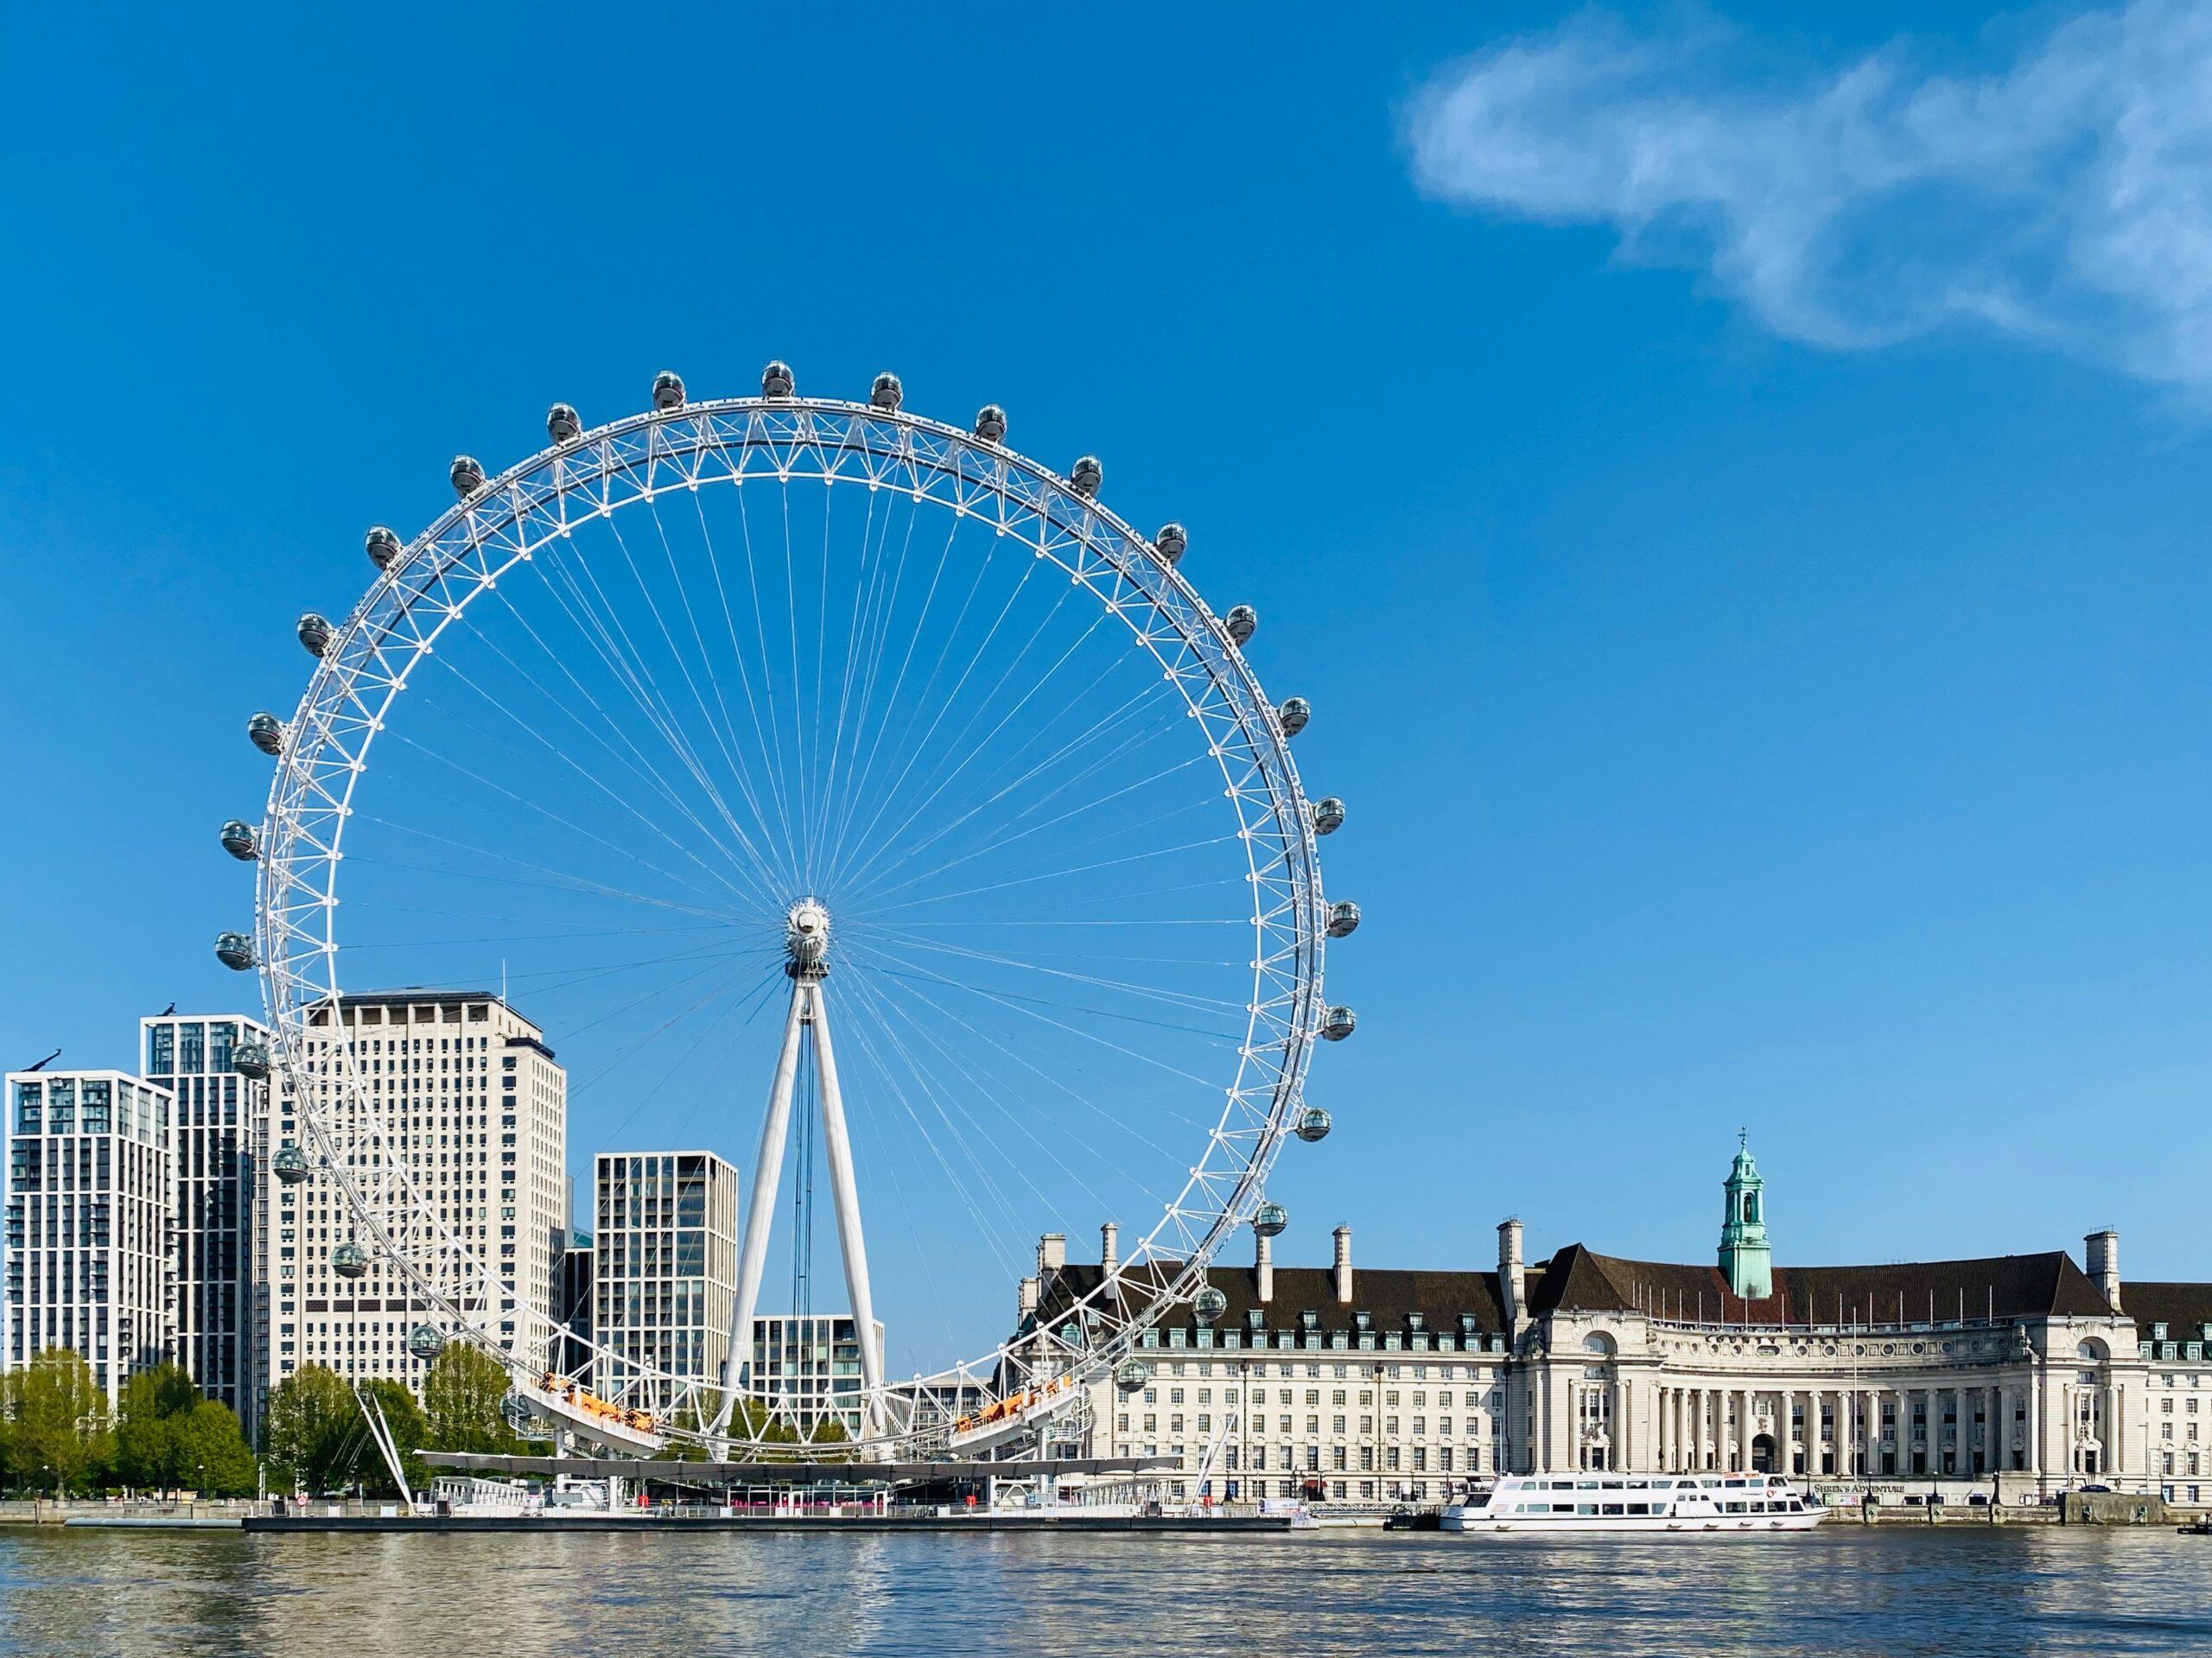 Victoria Embankment Londra vista del London Eye stazione metropolitana con la voce di Oswald Laurence